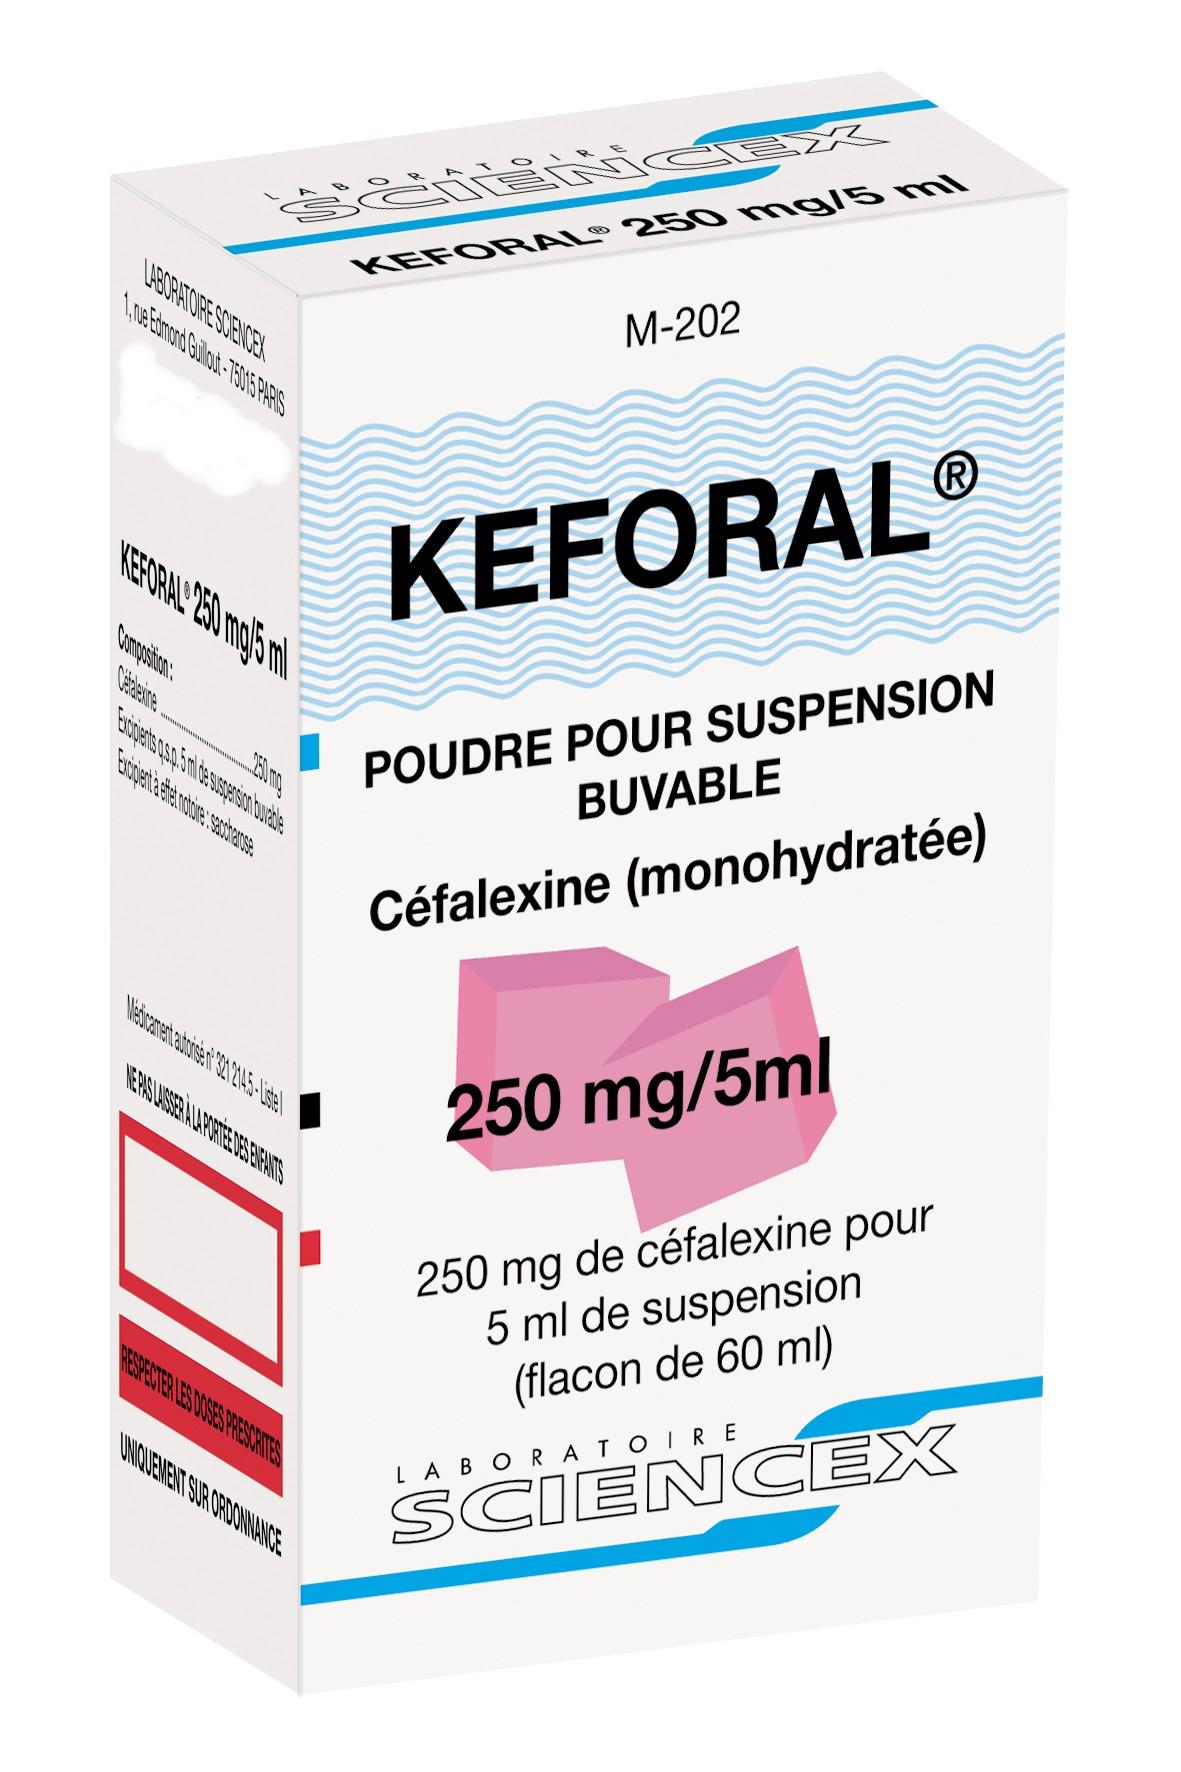 Image KEFORAL 250 mg/5 ml Pdr susp buv Fl/60ml